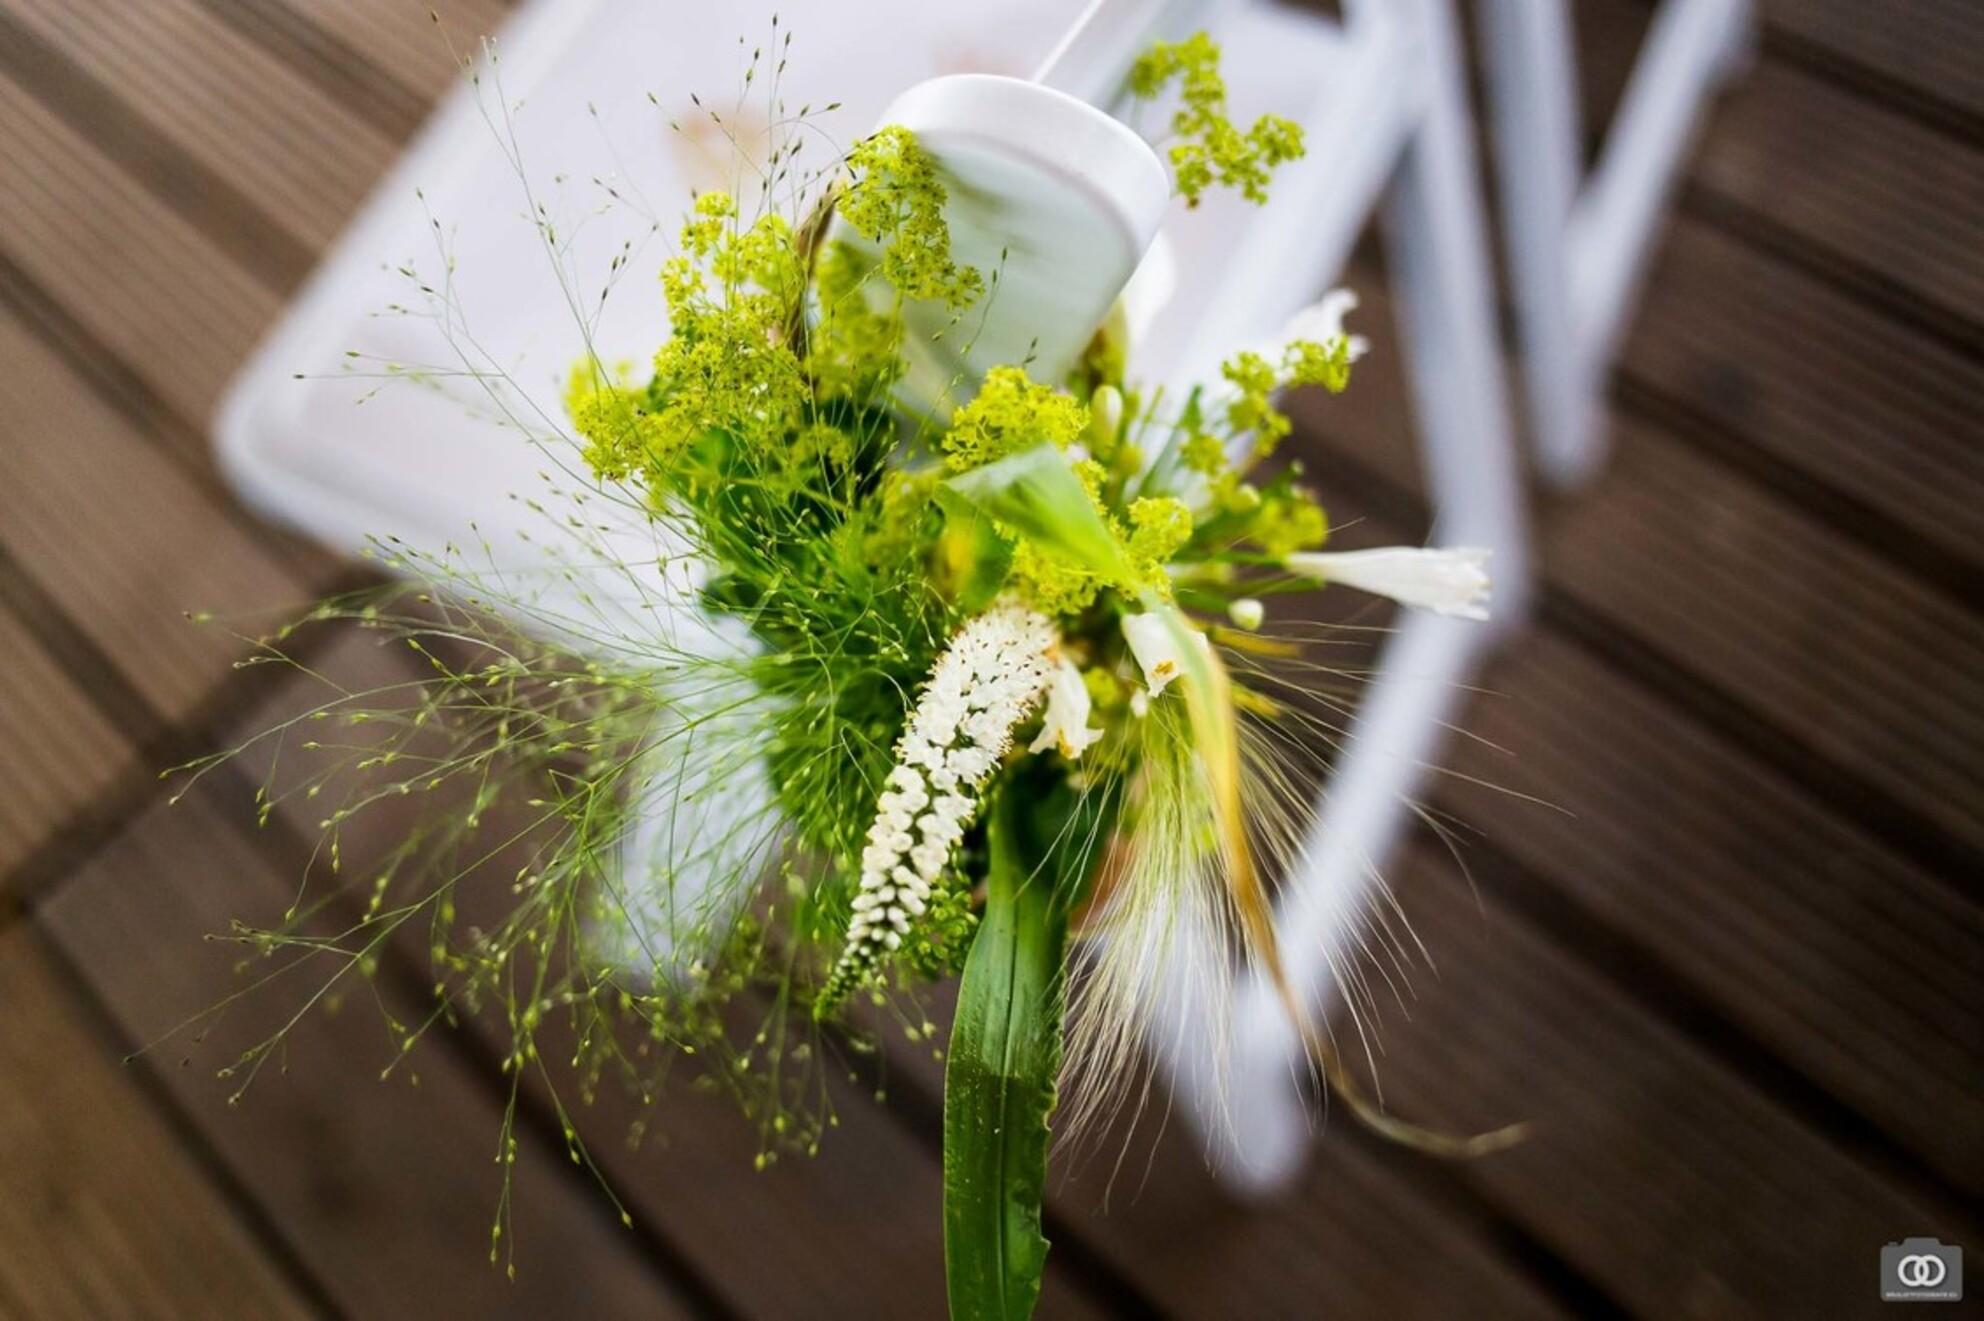 Aankleding - Bloemstuk bij een ceremonie - foto door robinlooy op 27-01-2021 - deze foto bevat: bloem, trouwen, bloemen, bruiloft, bloemstuk, trouwfotografie, aankleding, trouwfotograaf - Deze foto mag gebruikt worden in een Zoom.nl publicatie